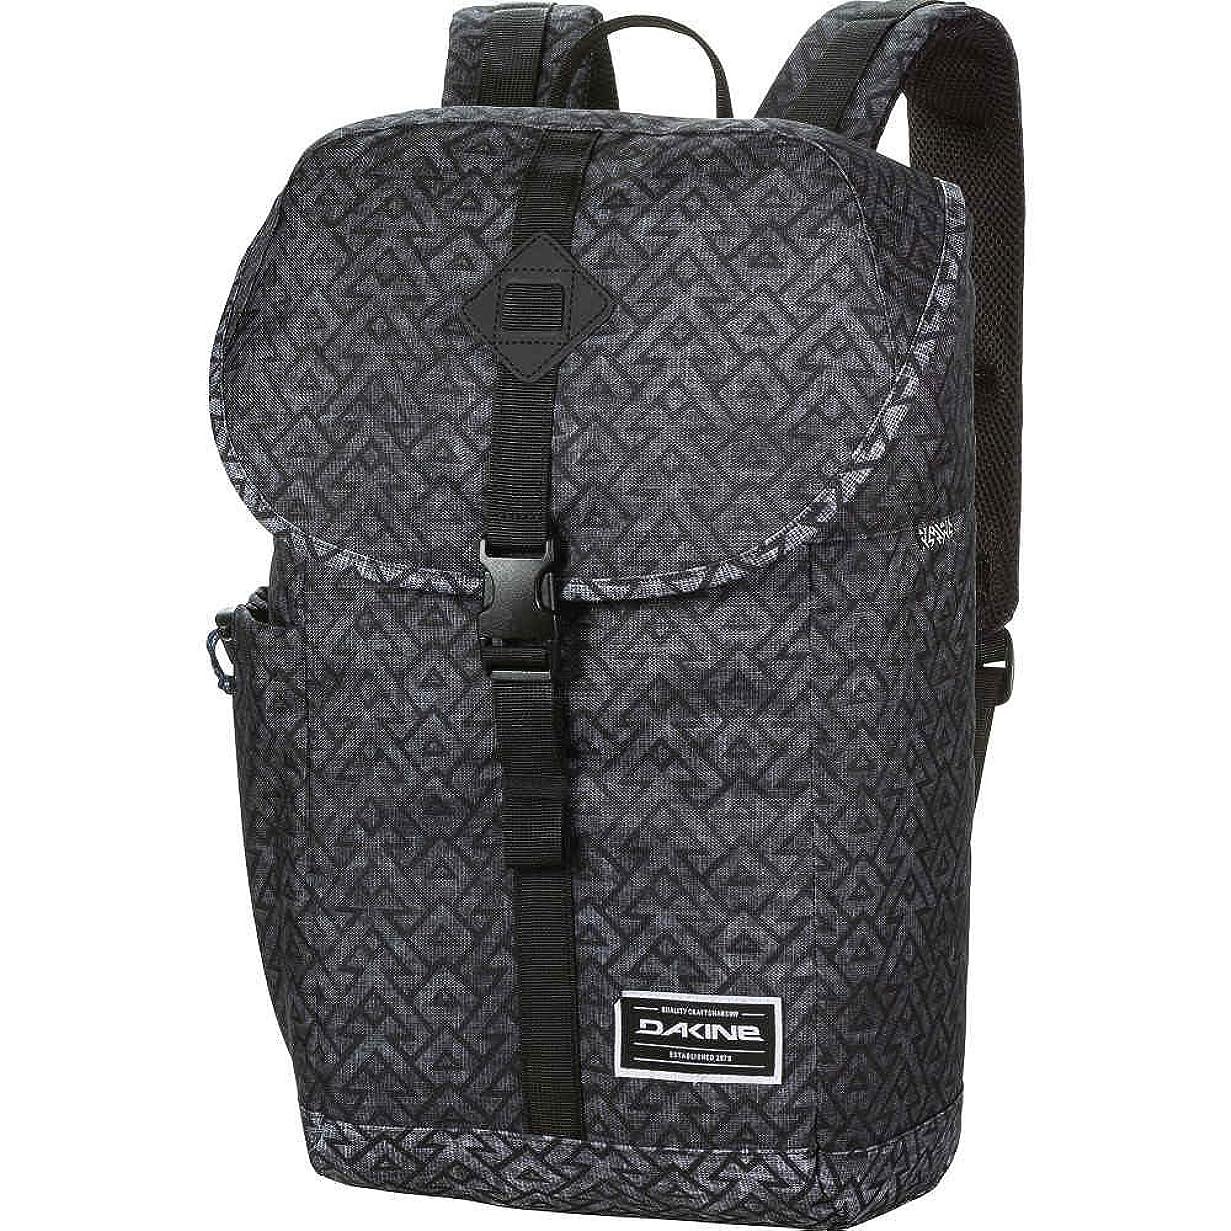 ディレクトリ慢性的短命(ダカイン) DAKINE メンズ バッグ パソコンバッグ Range 24L Backpack [並行輸入品]